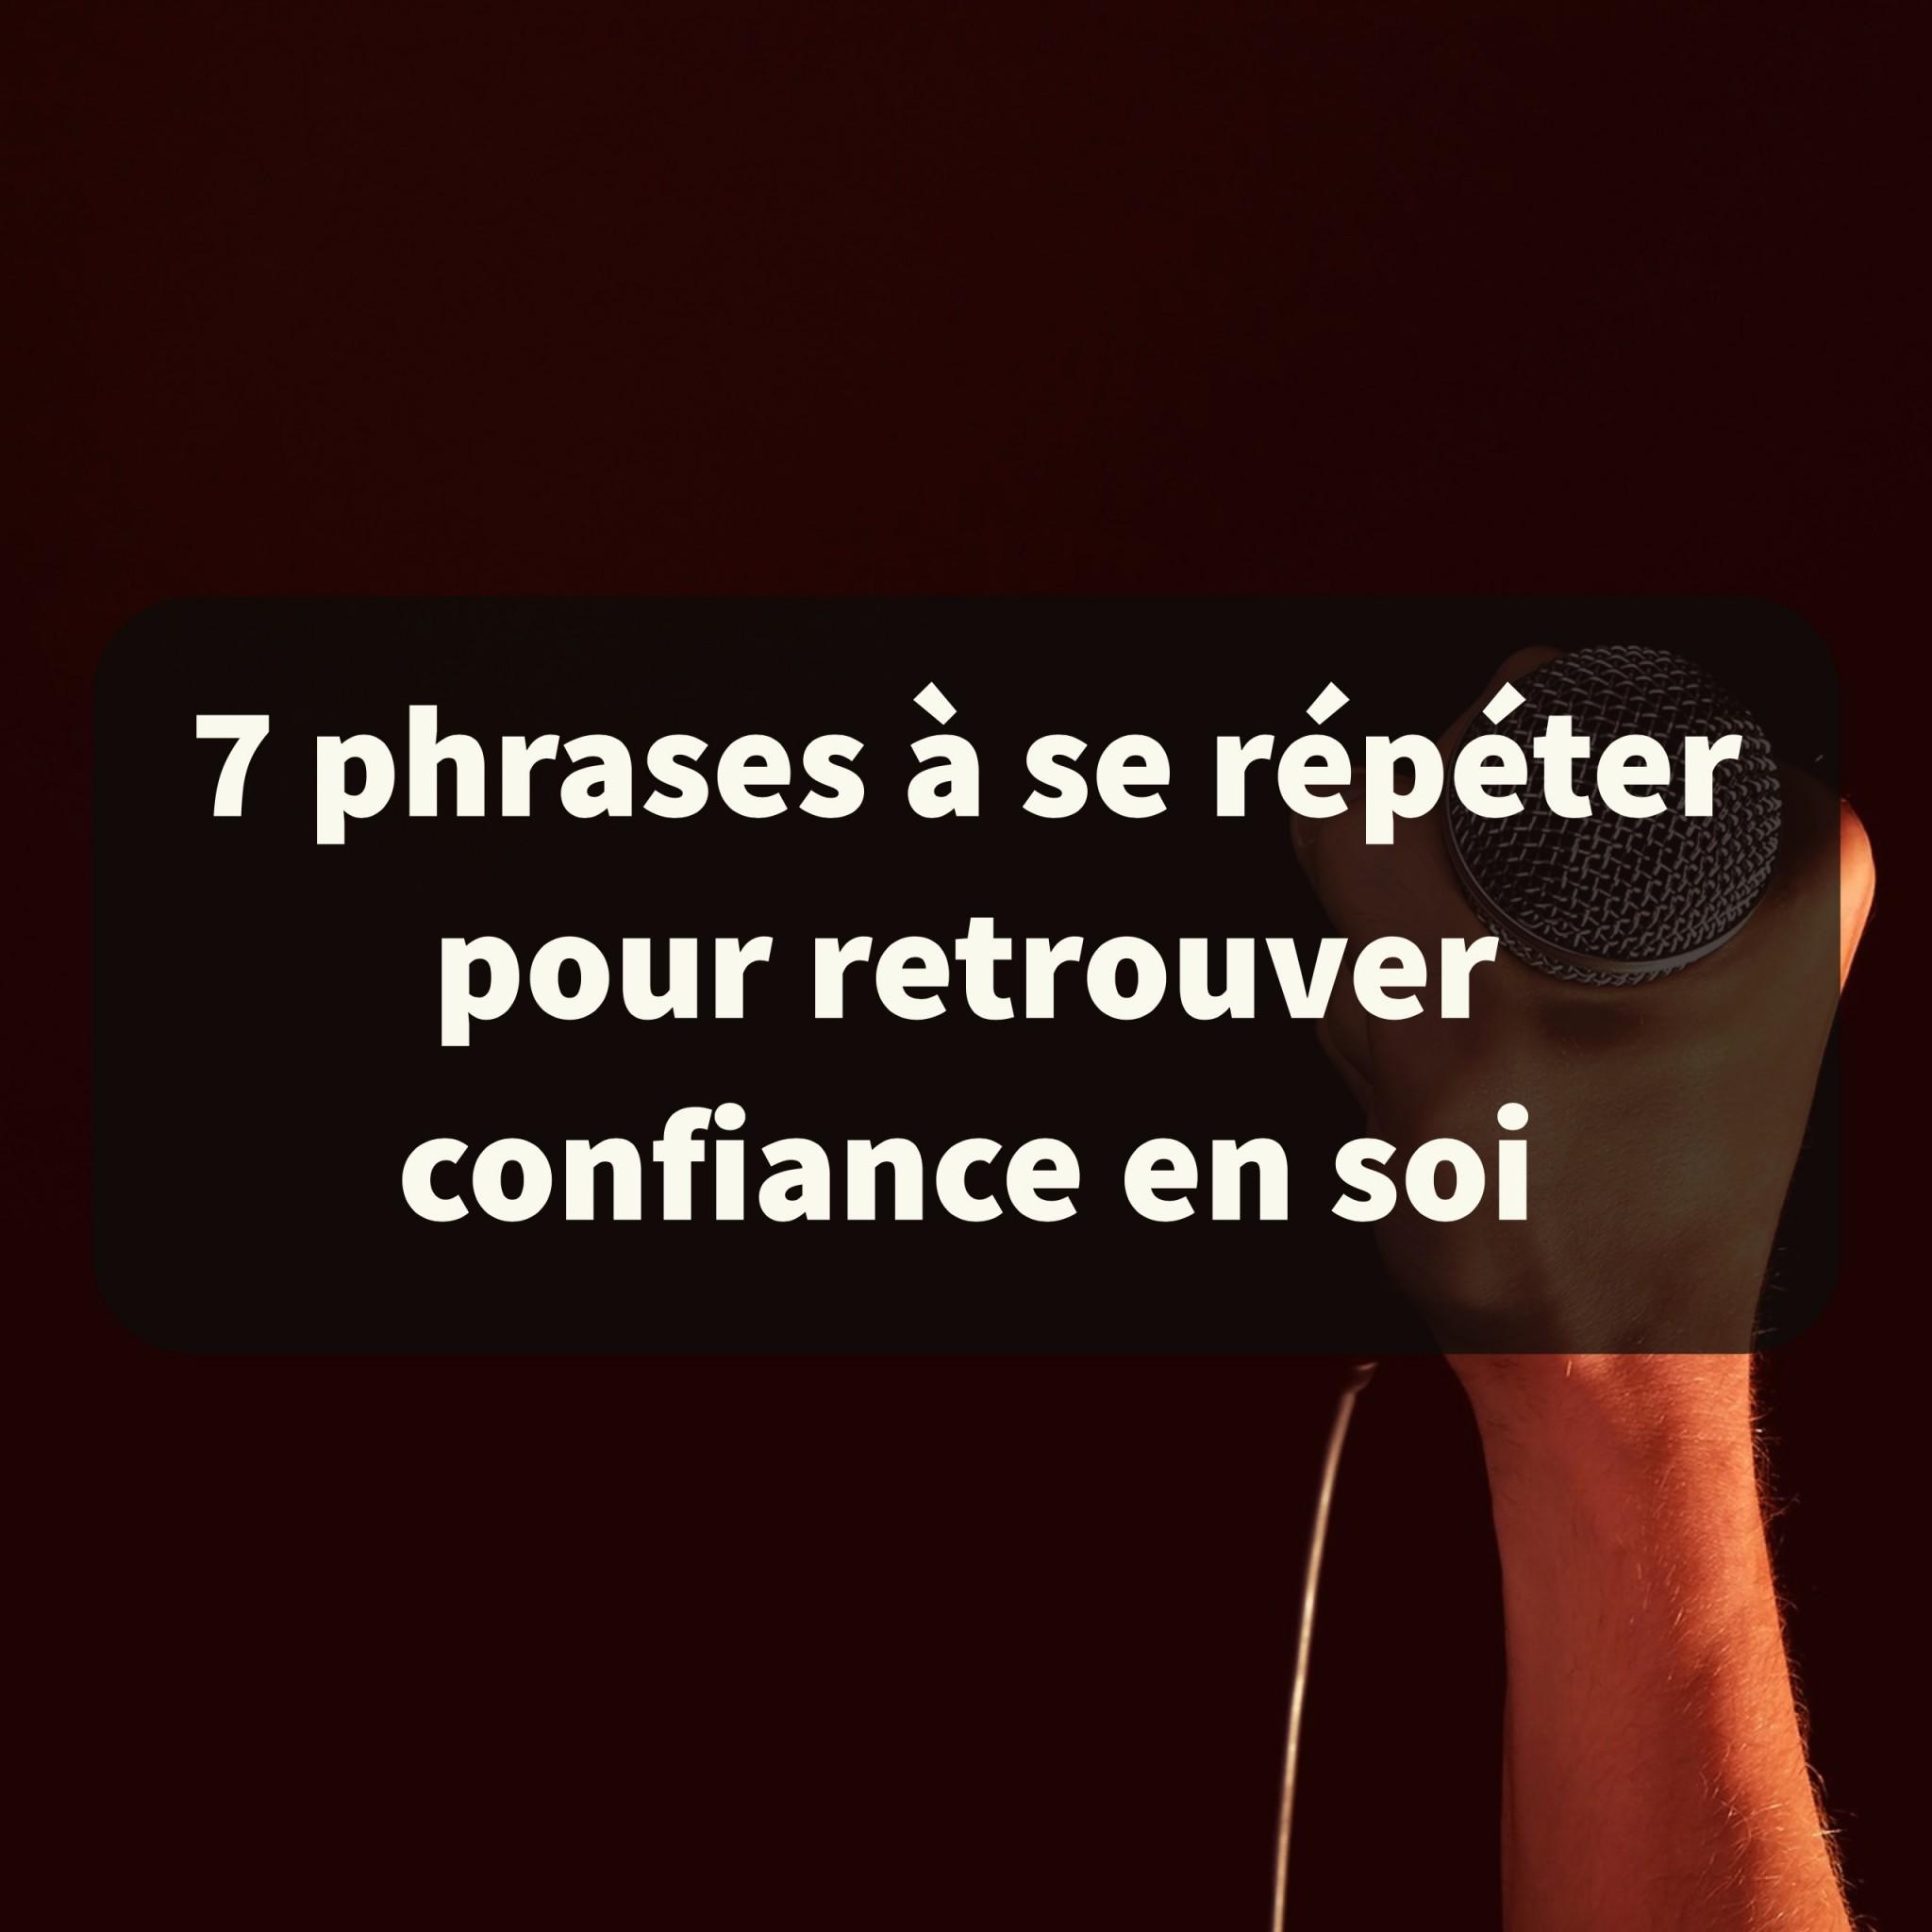 7 phrases à se répéter pour retrouver confiance en soi